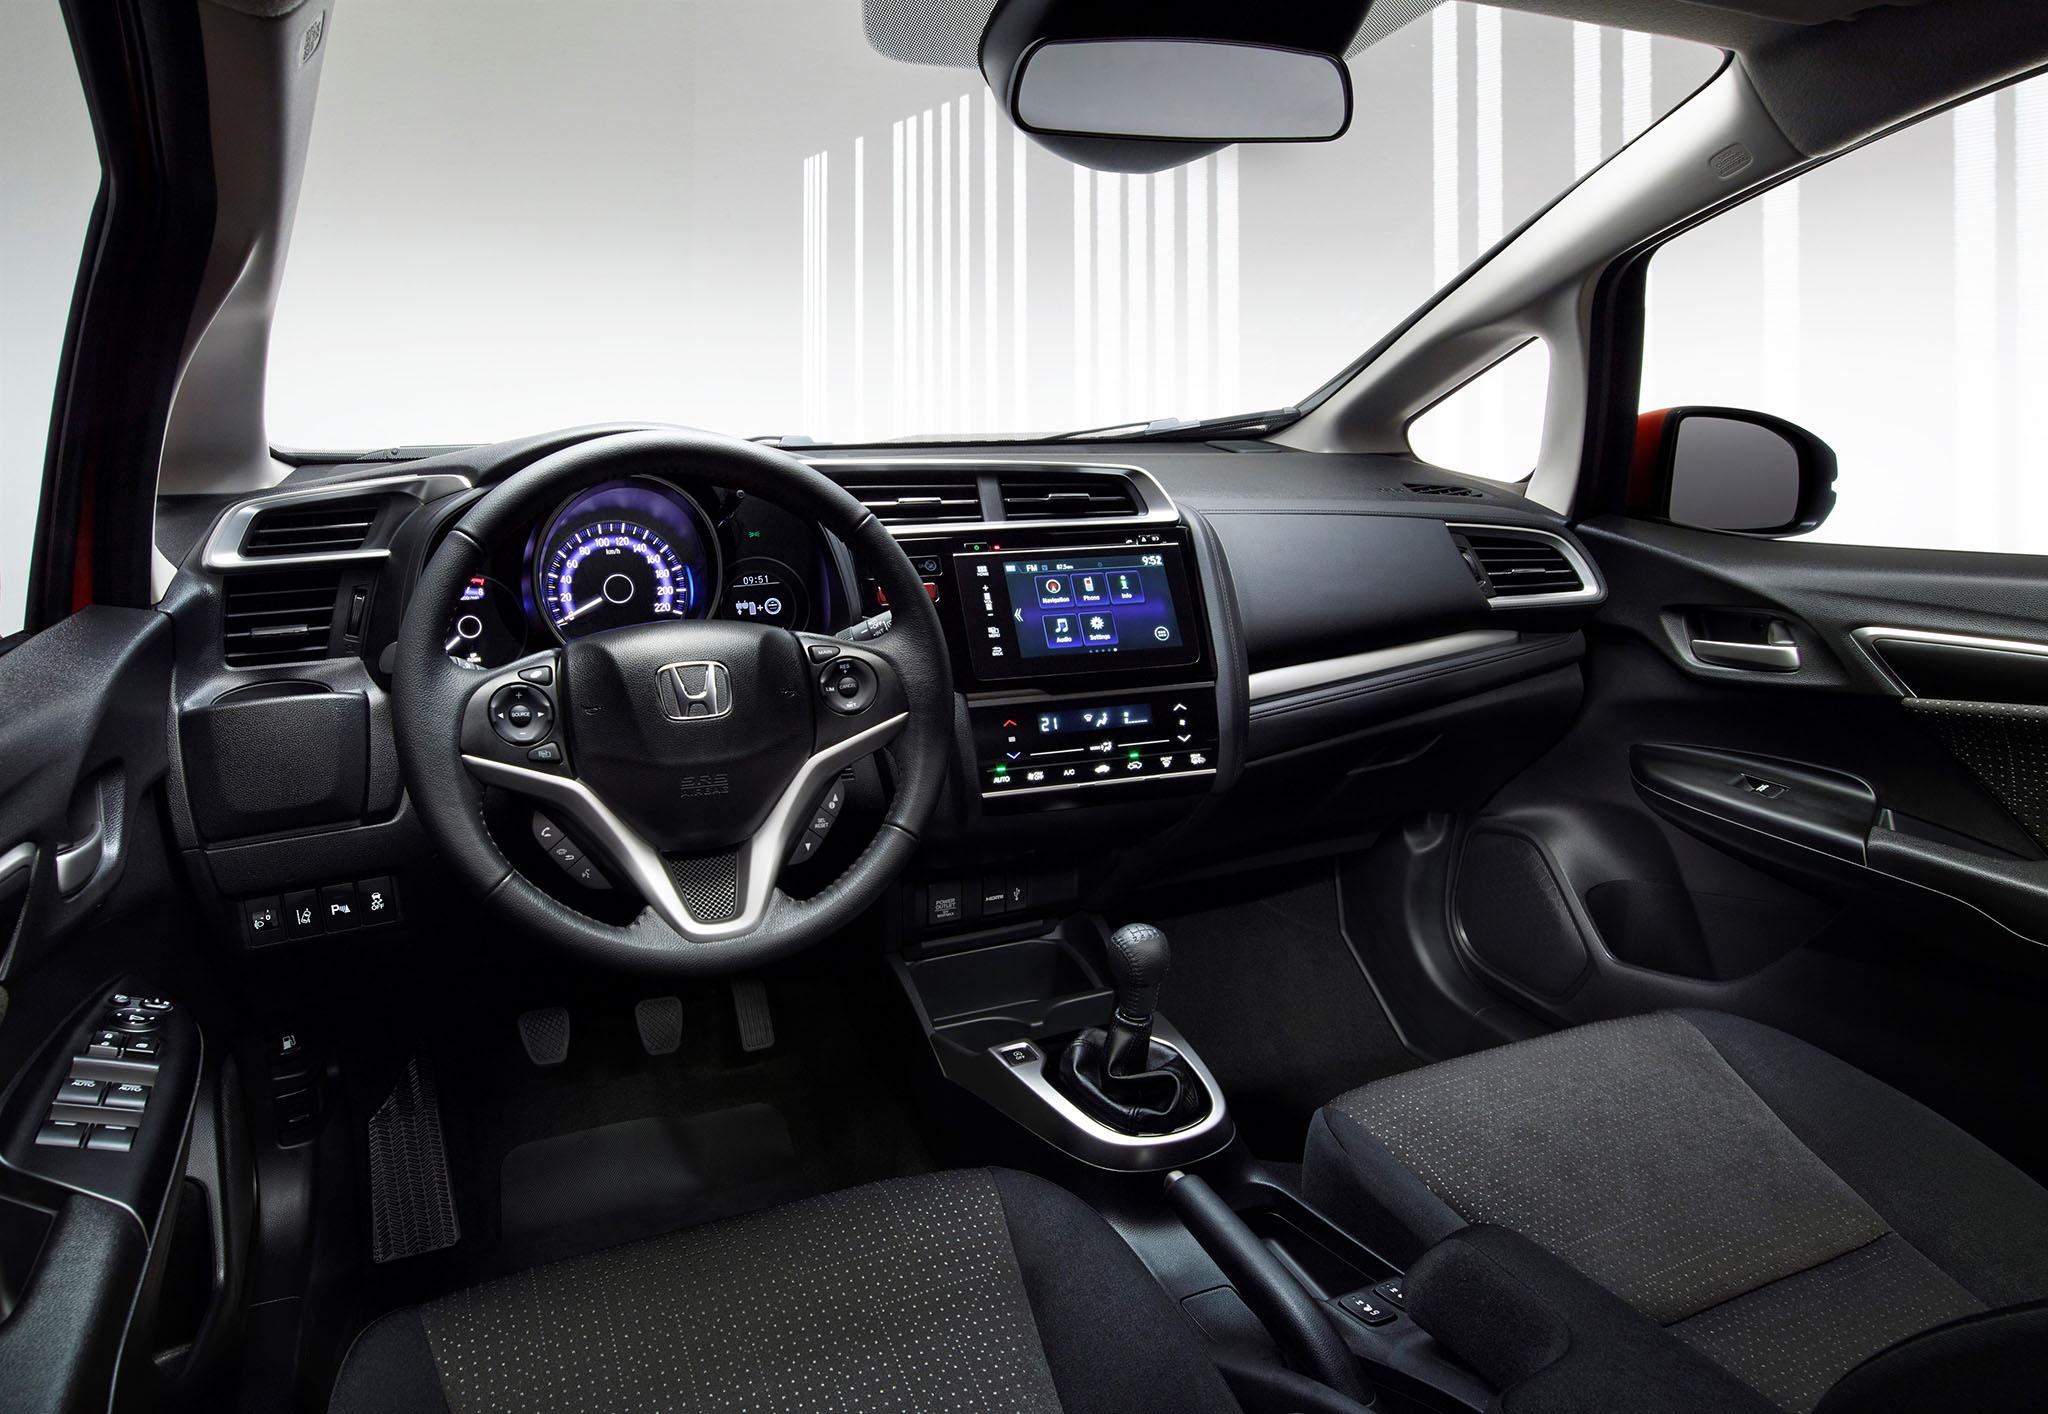 HondaJazz 03